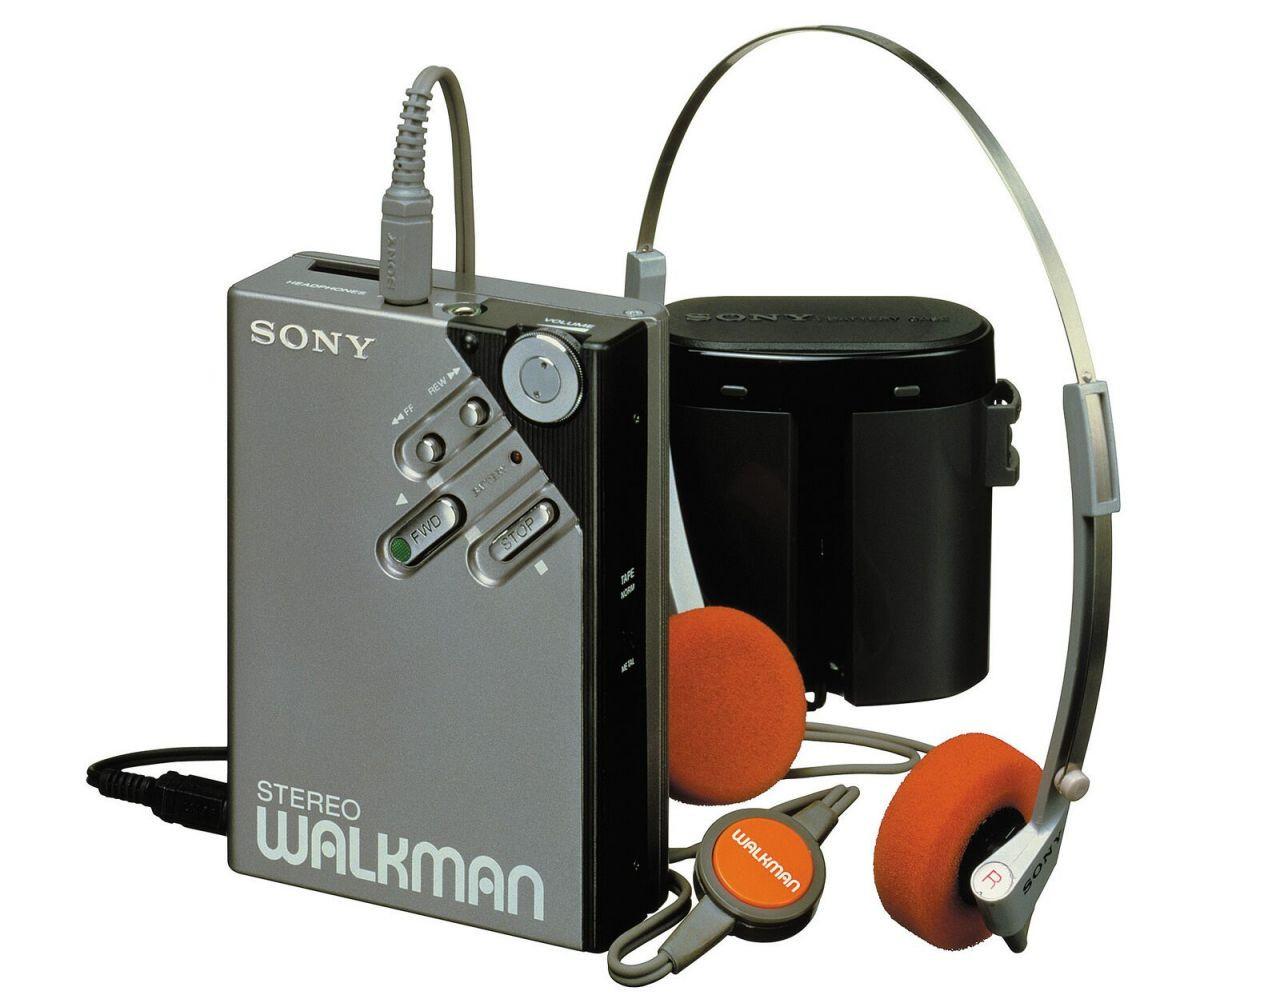 Sony Walkman 40 yaşında! - Page 2